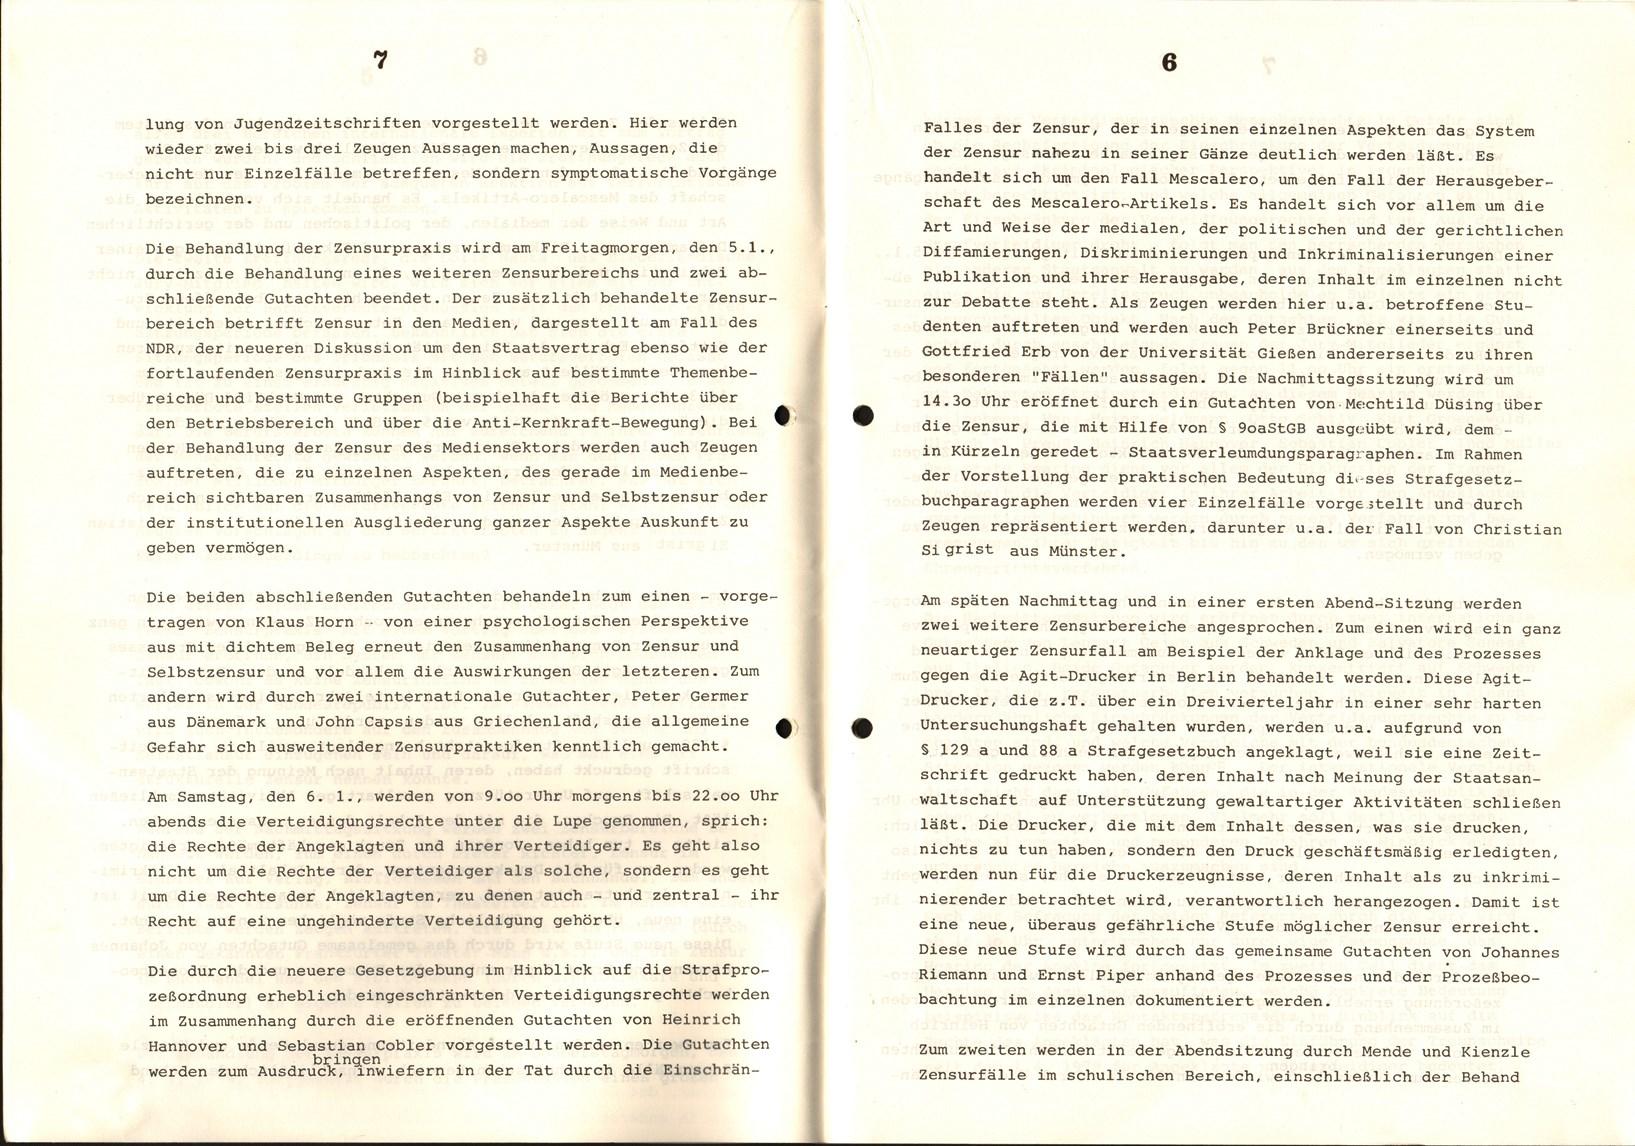 RT_Zur_zweiten_Sitzungsperiode_1979_06